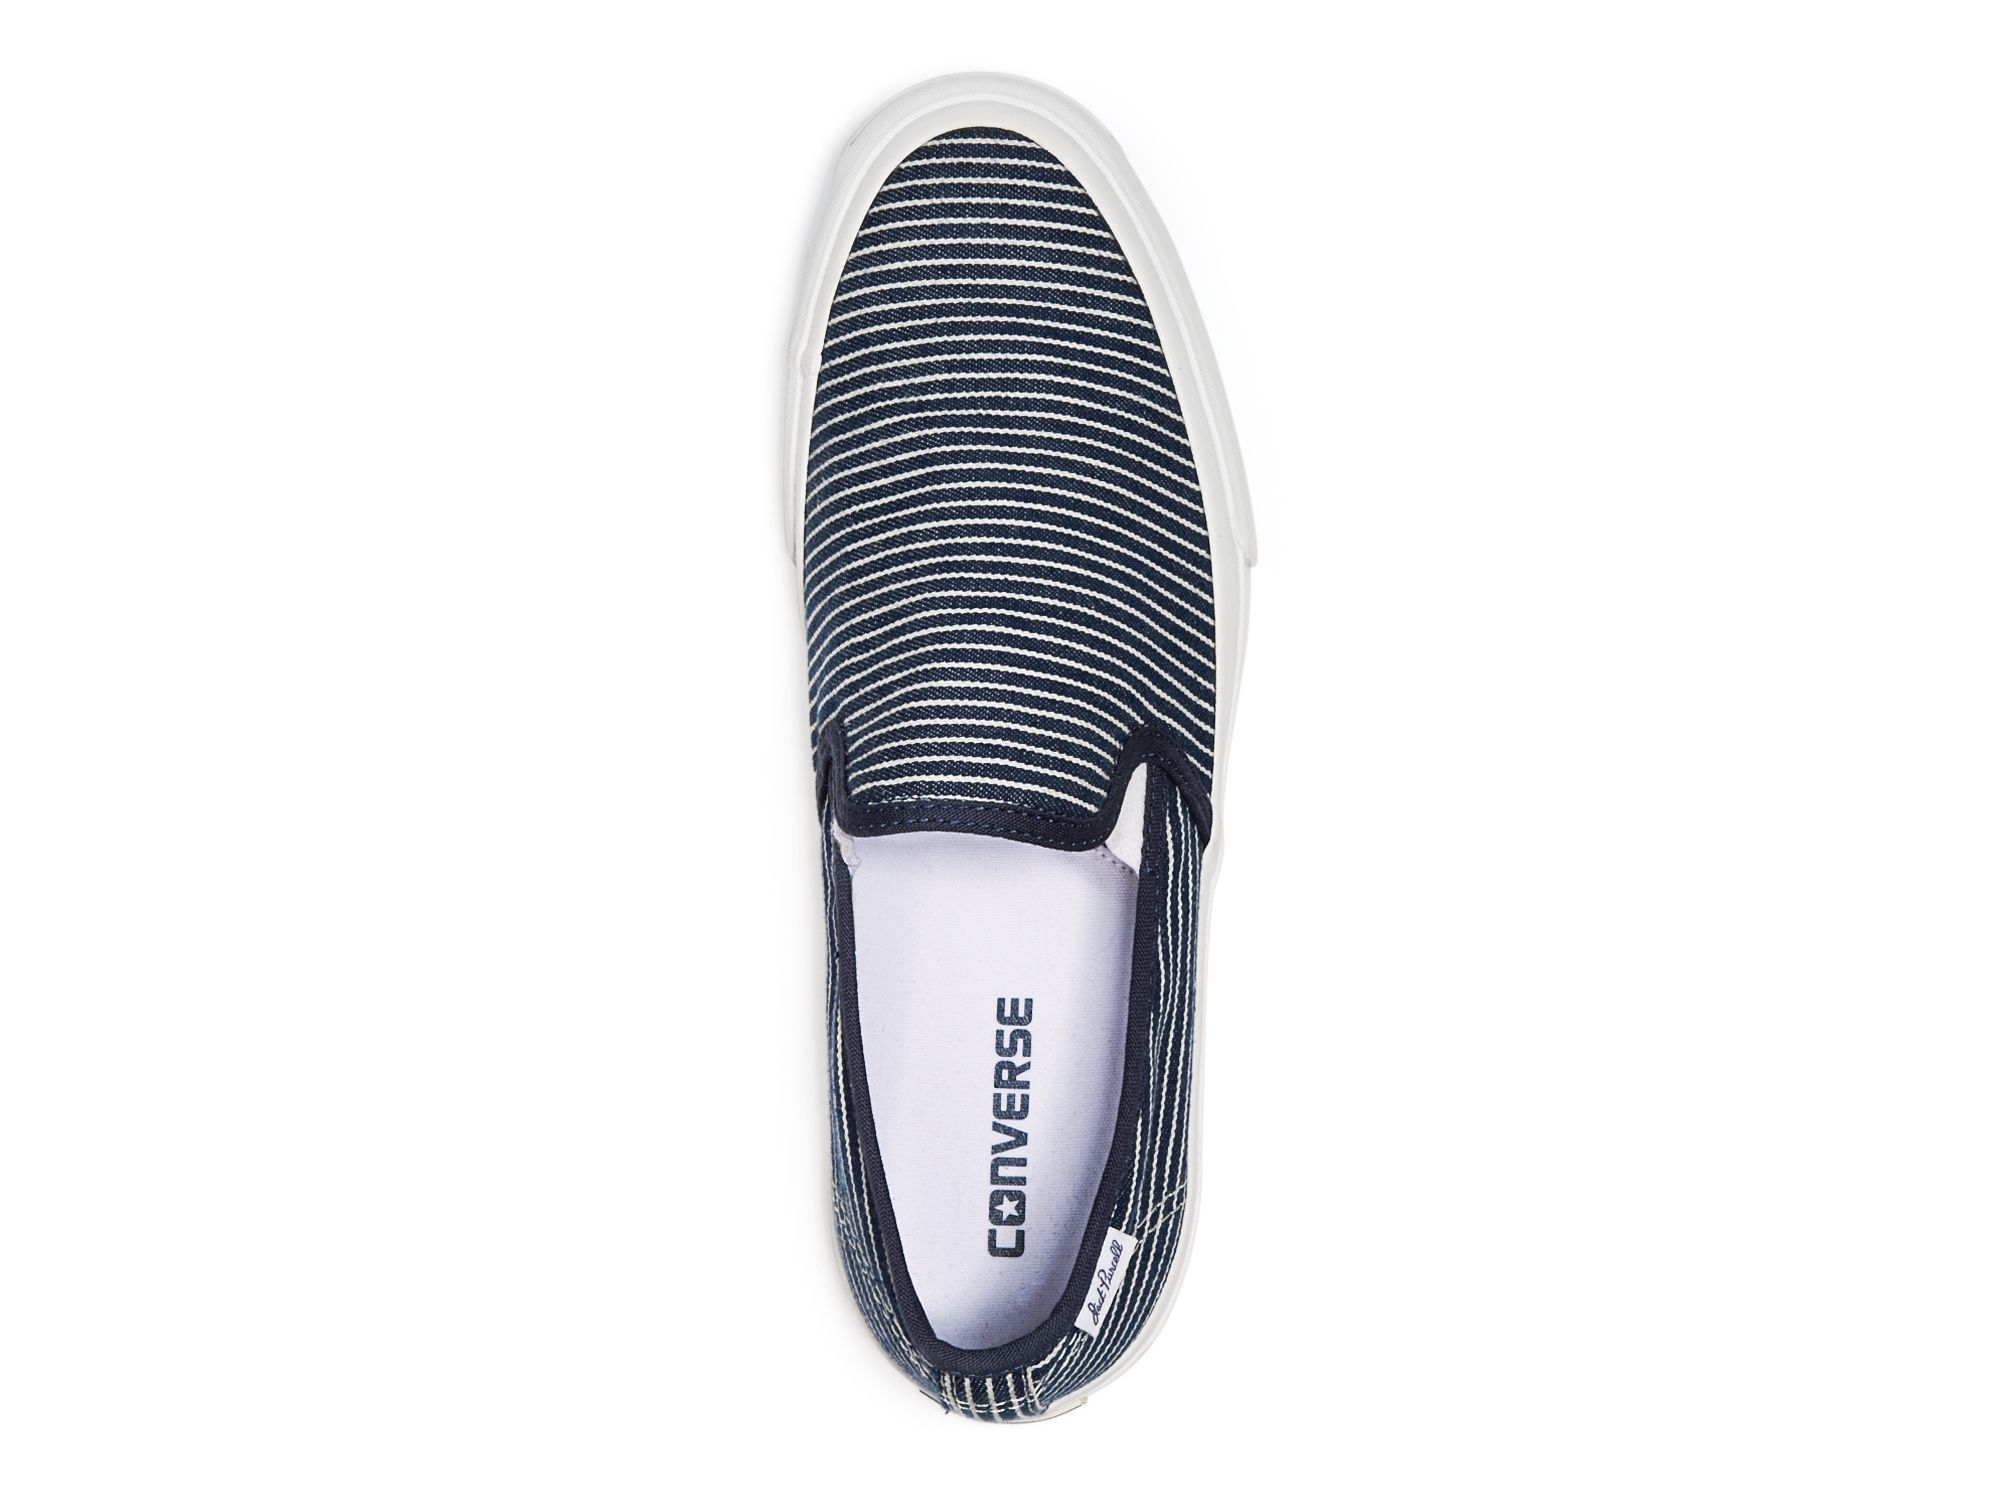 69fece8550d2b8 Converse Jack Purcell Ii Striped Slip On Sneakers in Blue for Men - Lyst